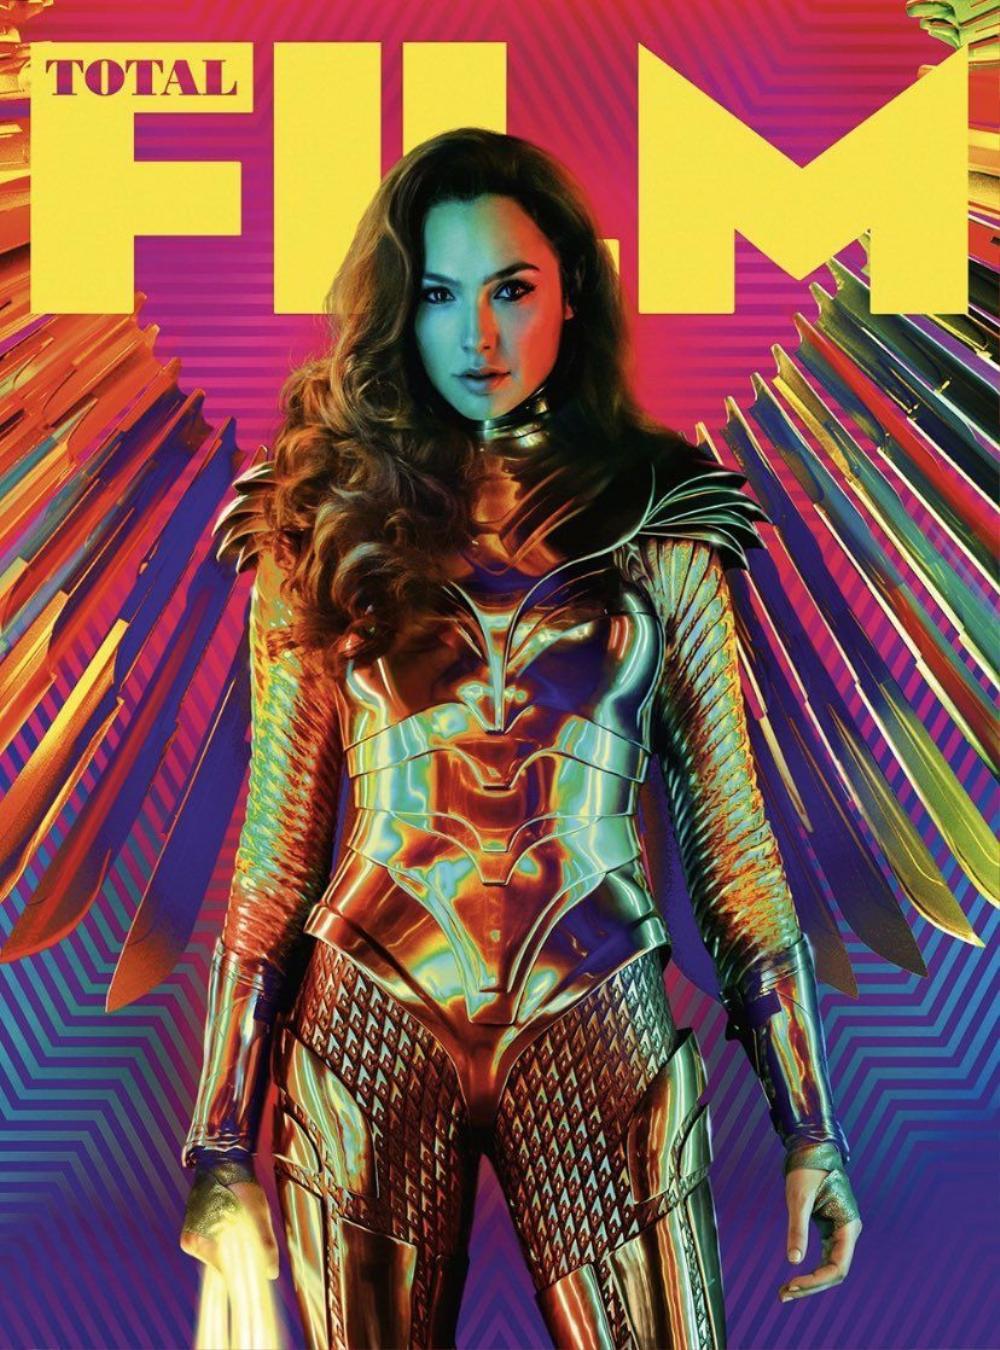 Khán giả chắc chắn sẽ được thưởng thức 'Wonder Woman 1984' vào dịp giáng sinh Ảnh 2